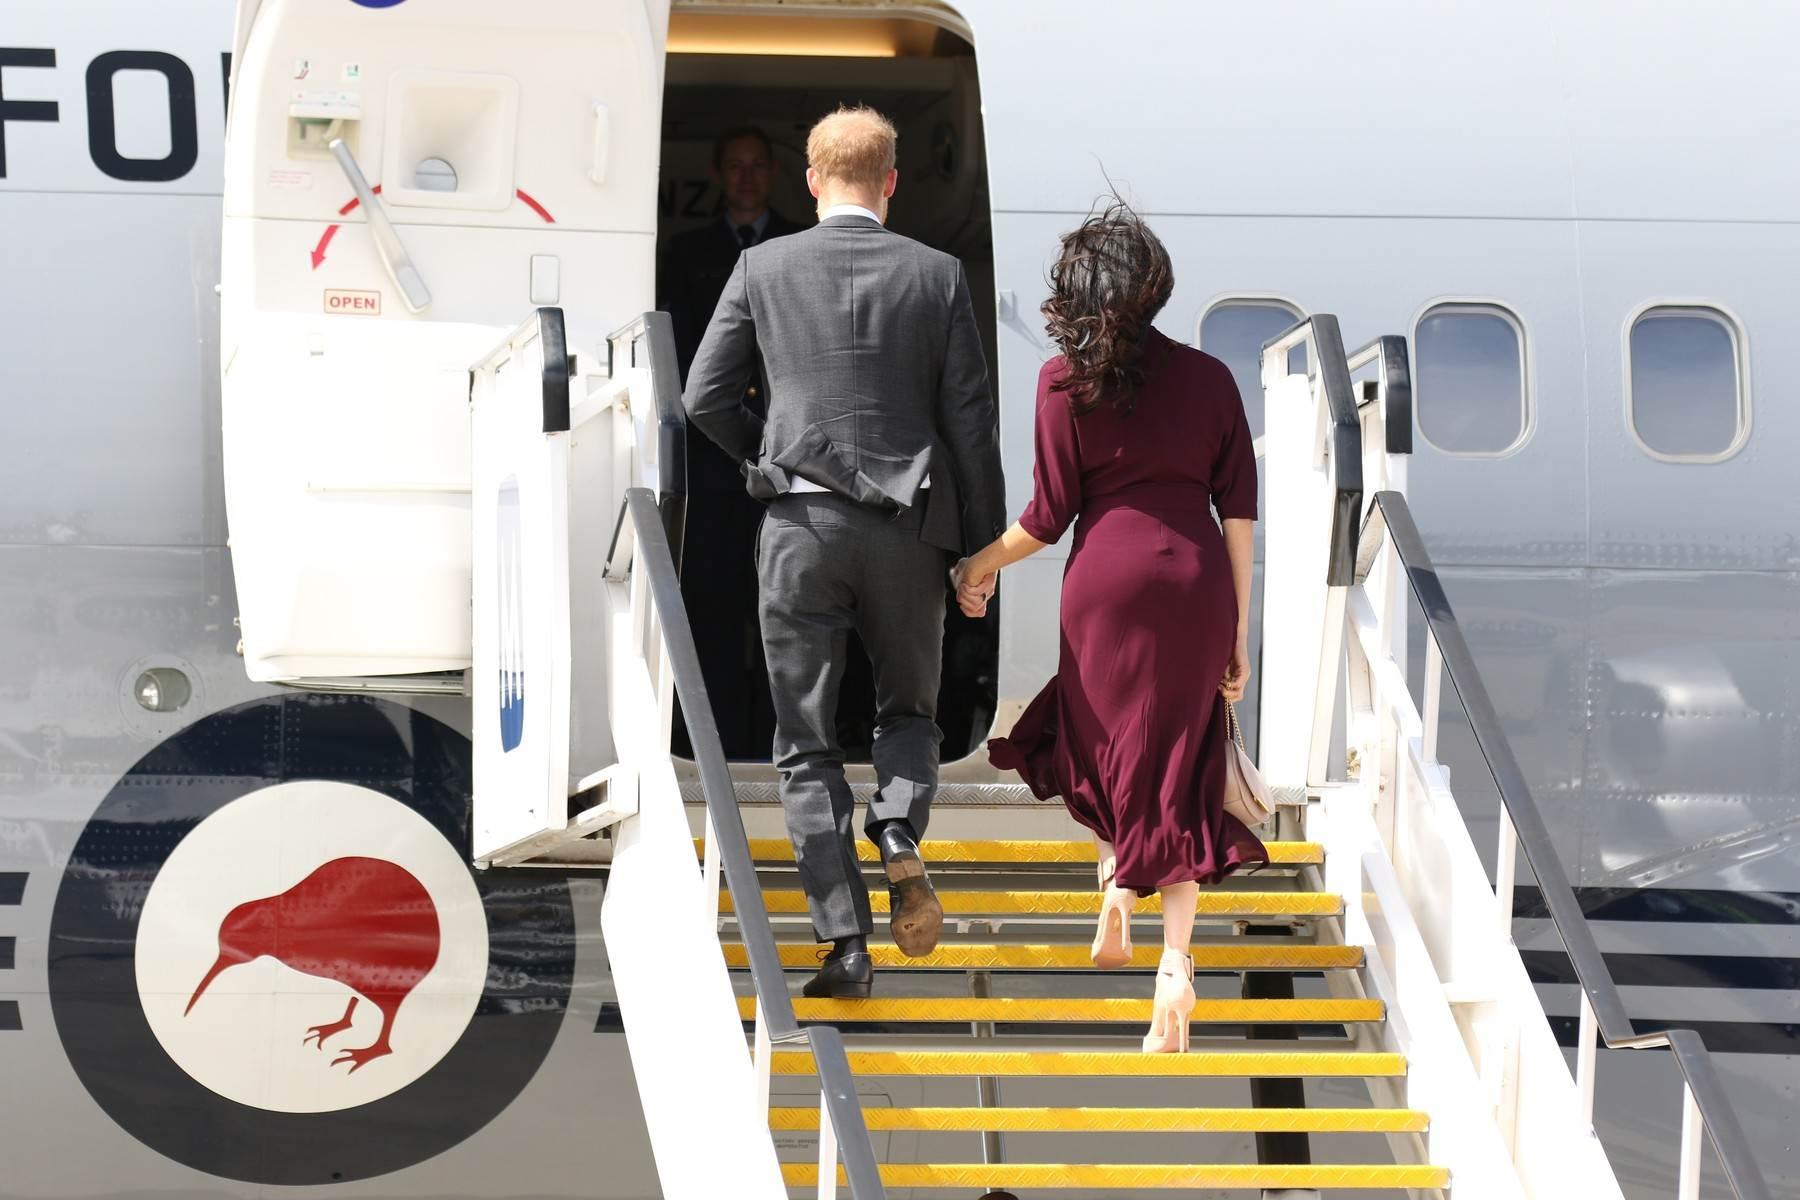 Supružnici se ukrcavaju u zrakoplov i kreću za Novi Zeland